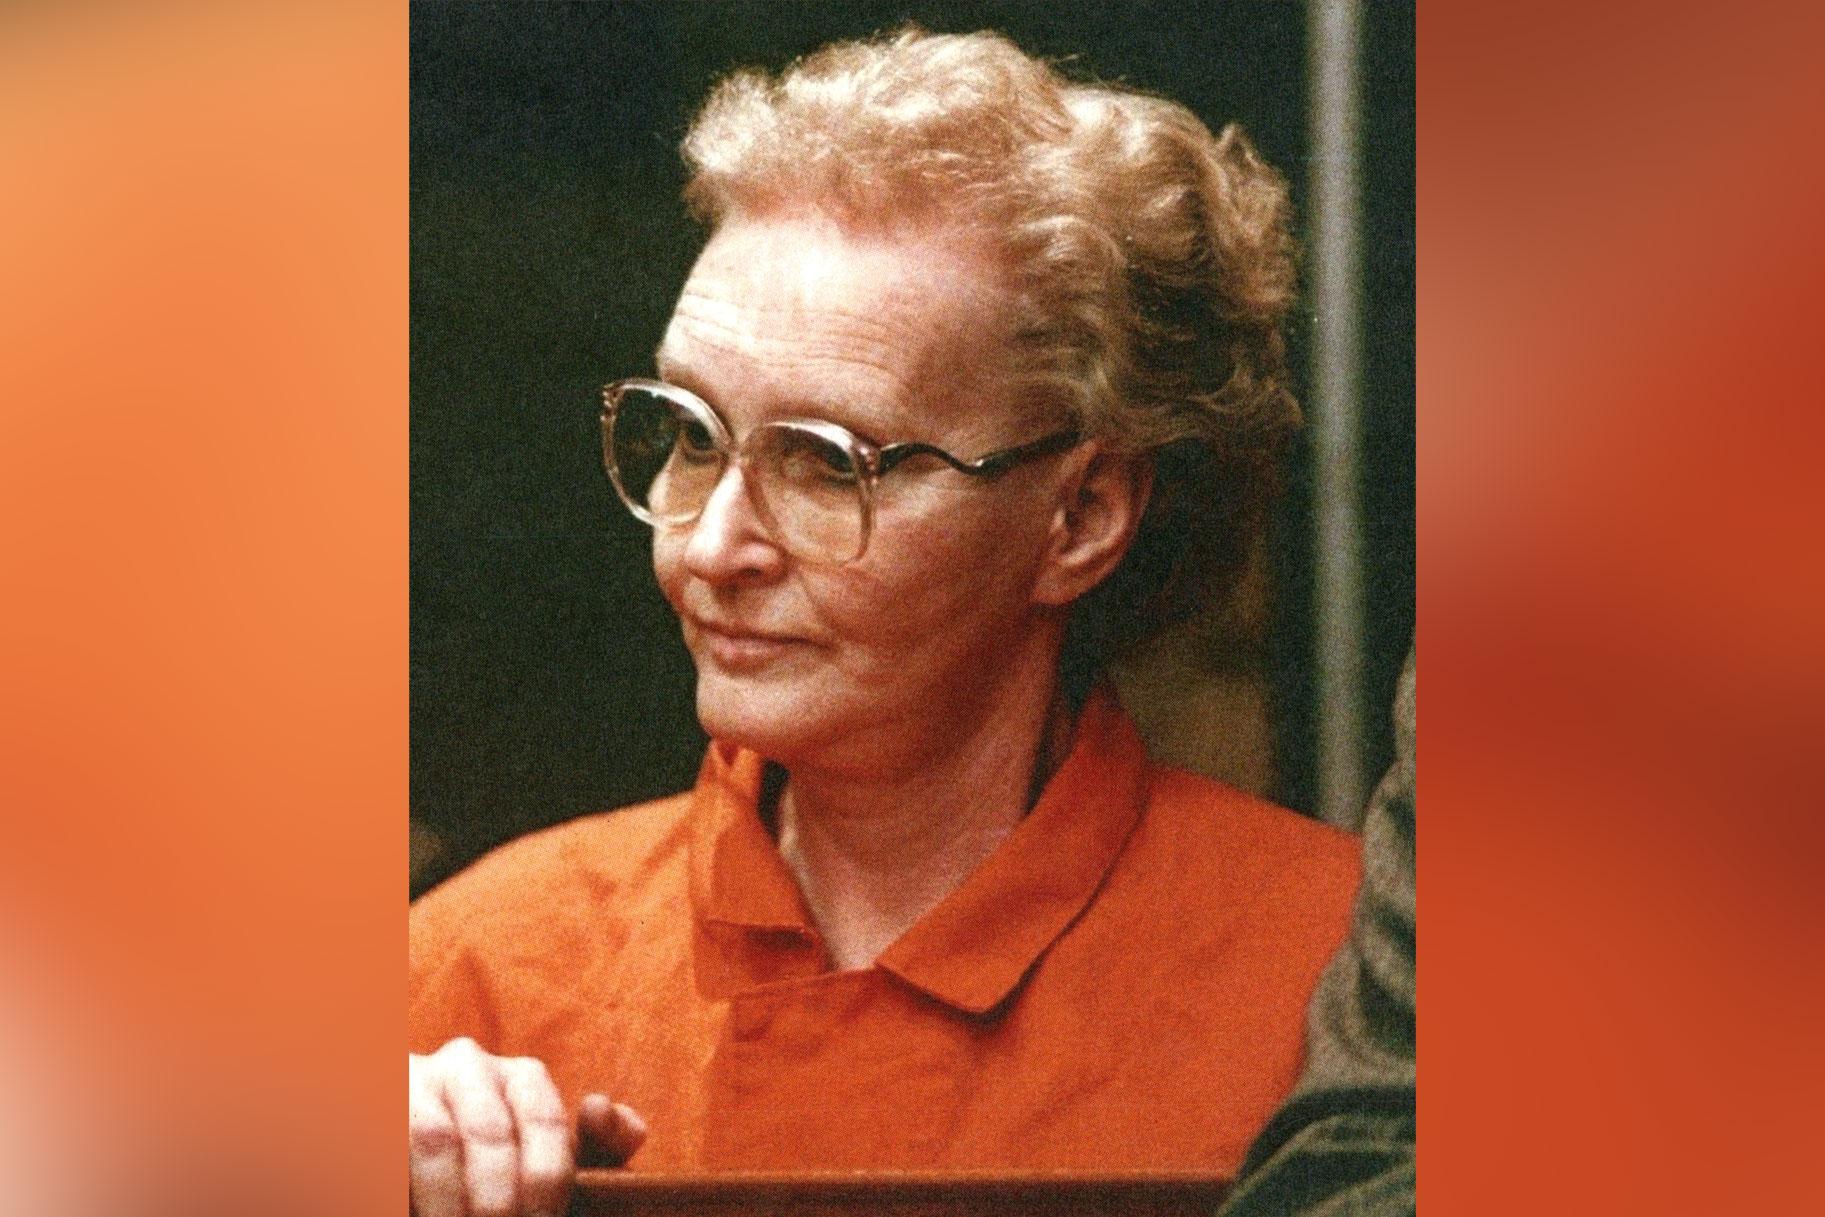 היא זכתה לכינוי 'בעלת הבית בבית המוות' - מי היו הקורבנות הסדרתיים של דורותיאה פואנטה?